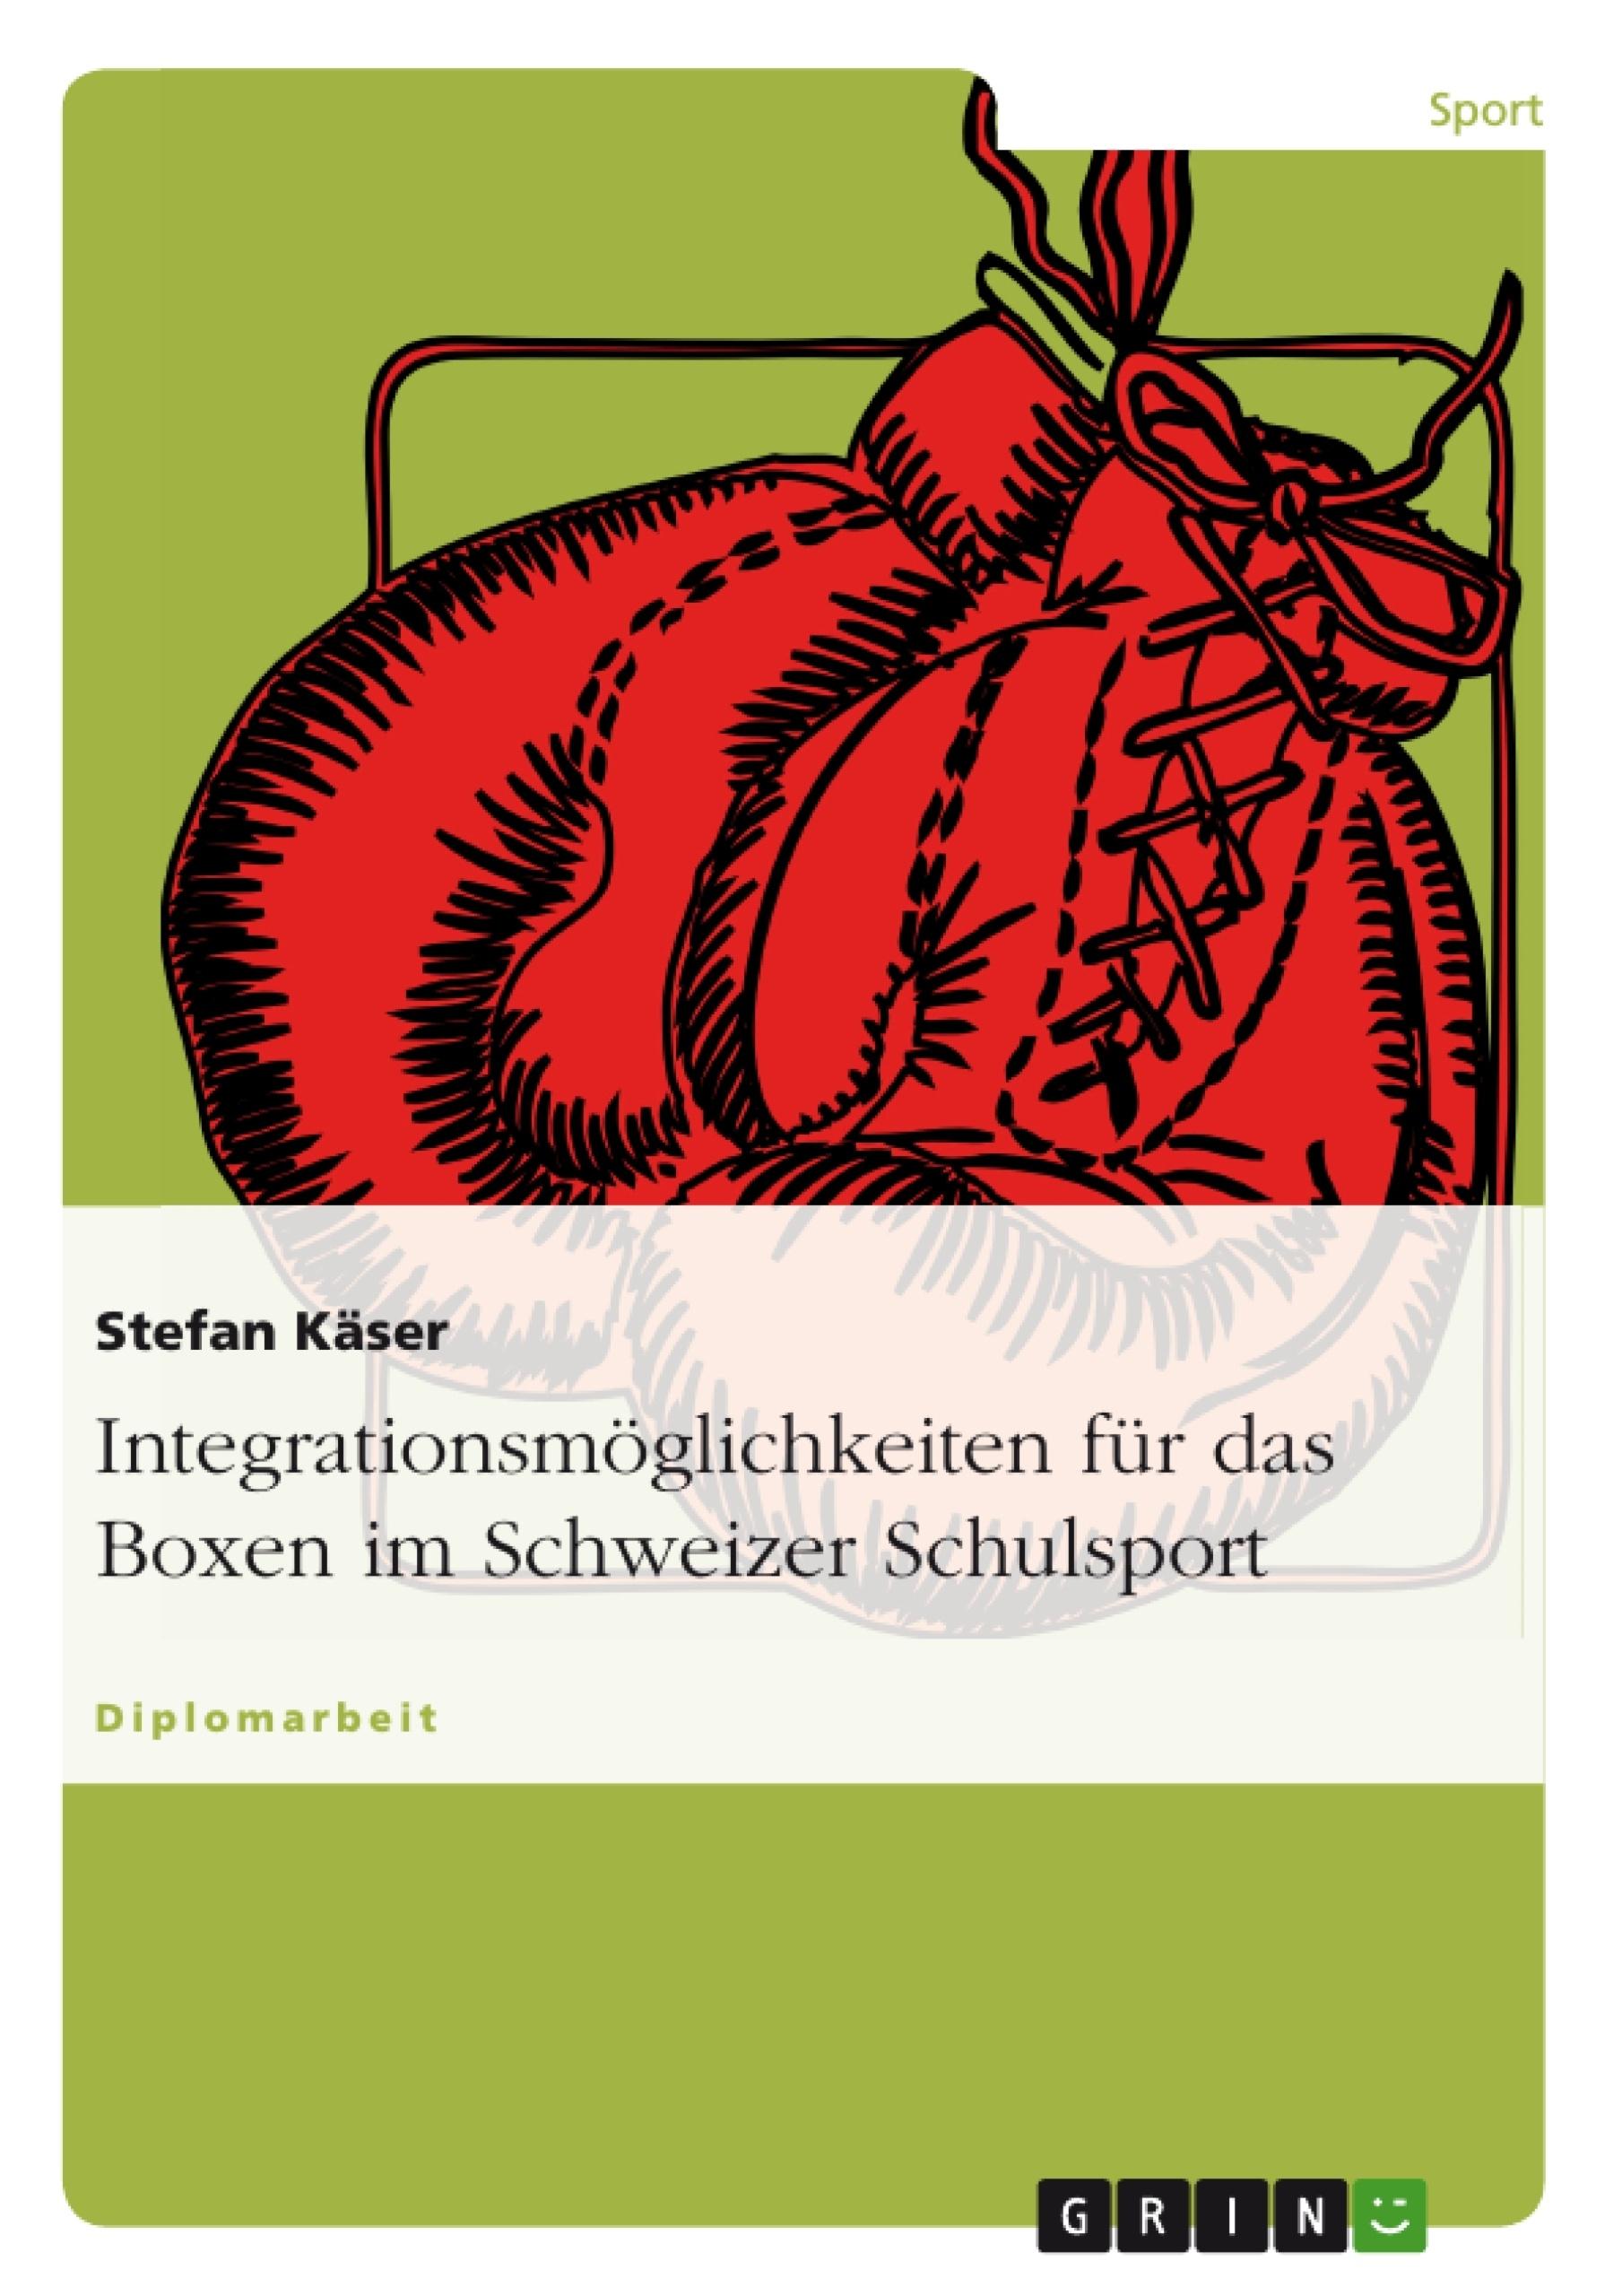 Titel: Integrationsmöglichkeiten für das Boxen im Schweizer Schulsport